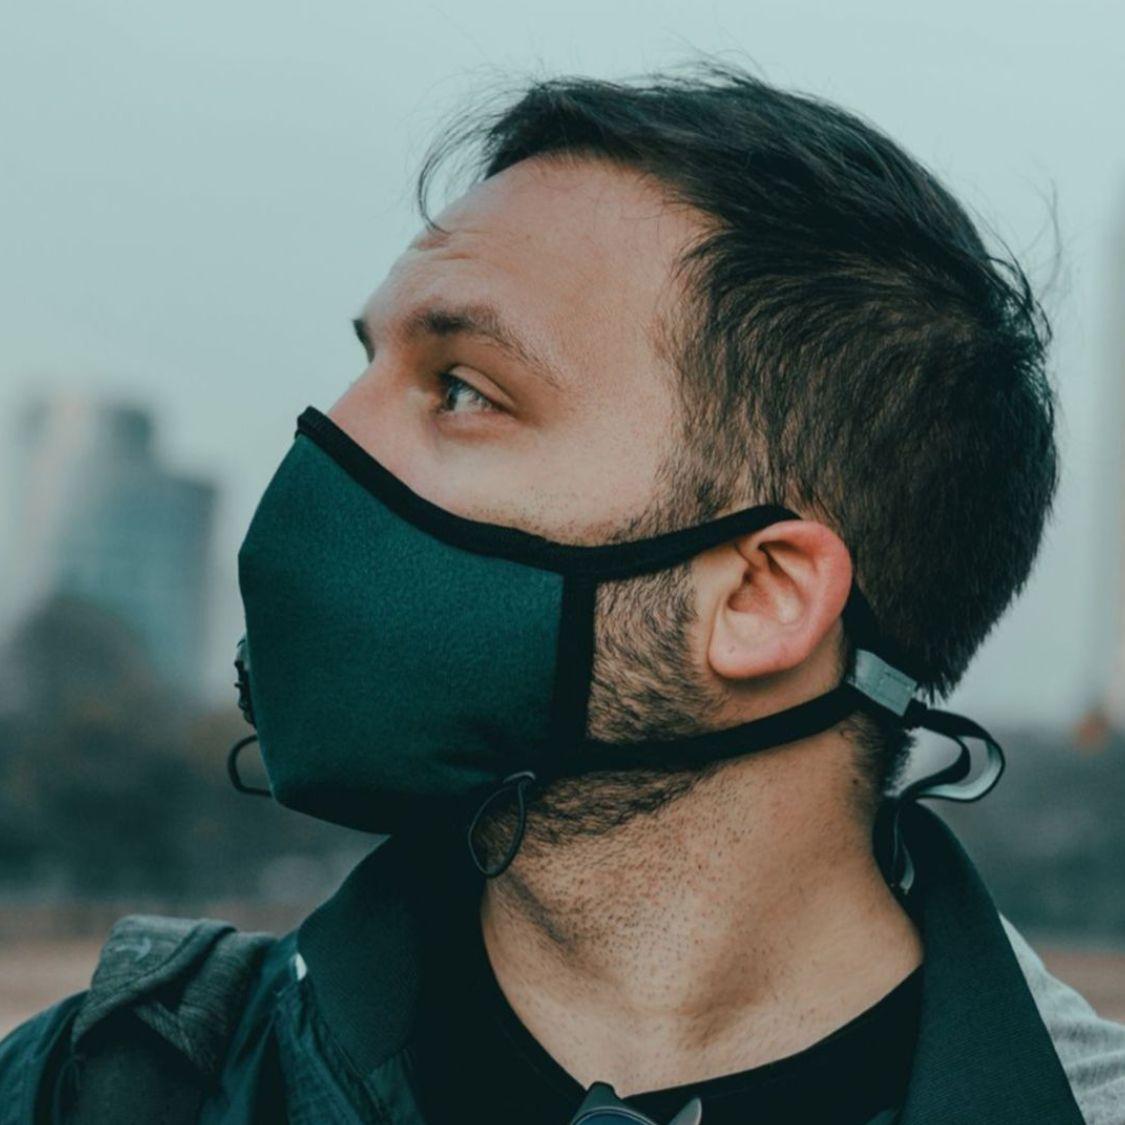 Better Mask Up Story - lightwithouteat - Watson PRO